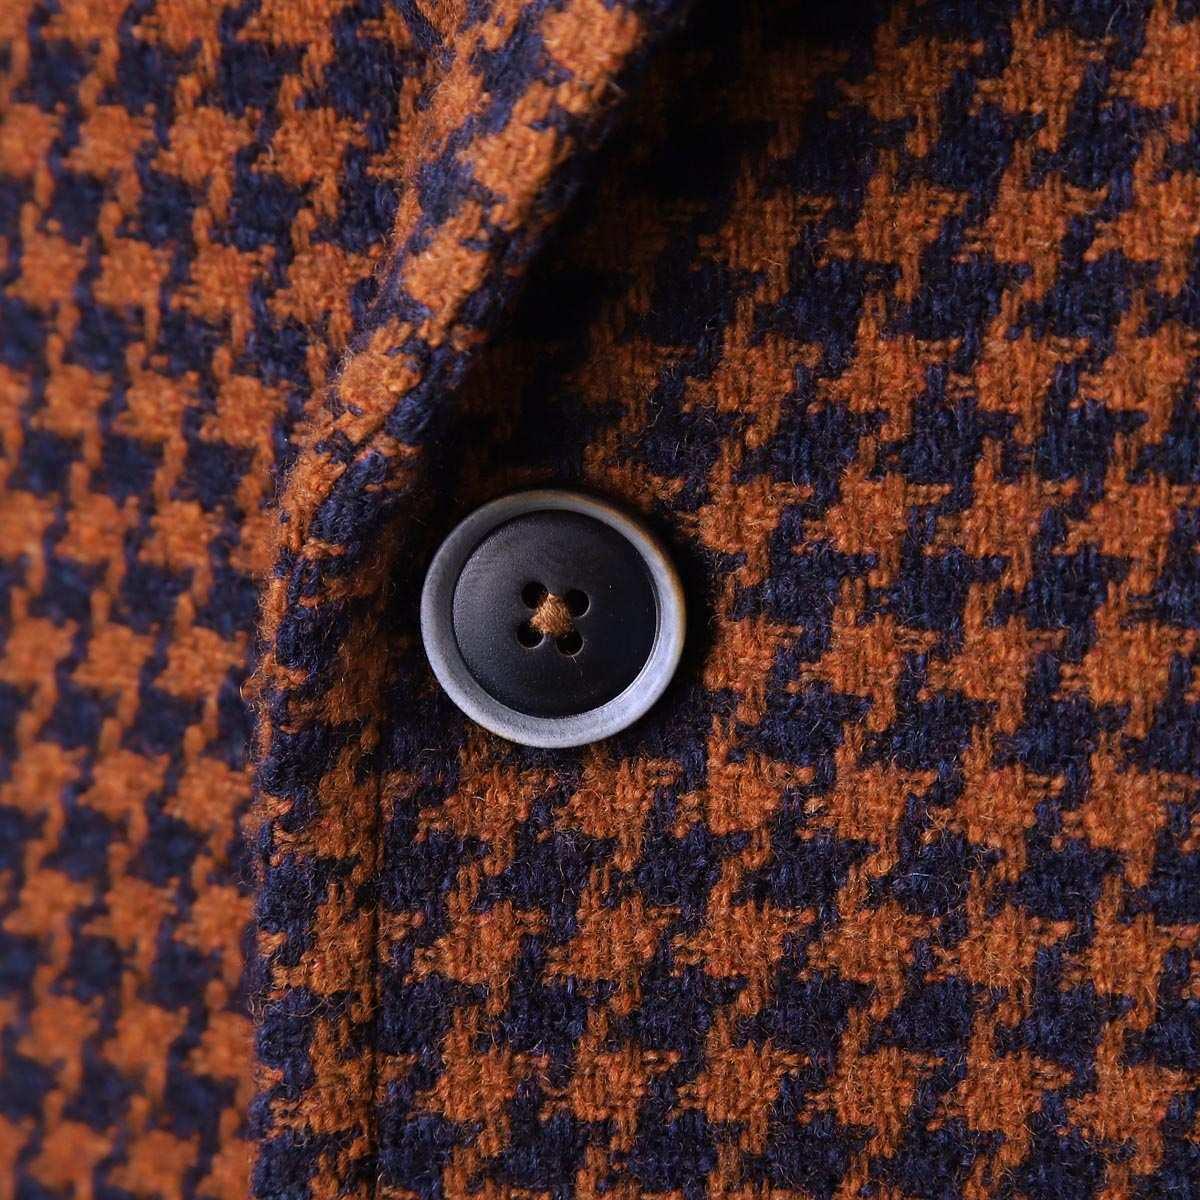 CIRCOLO 1901 チルコロ 2つボタン ジャケット/SIMPLE JACKET LANA【大きいサイズあり】 メンズ